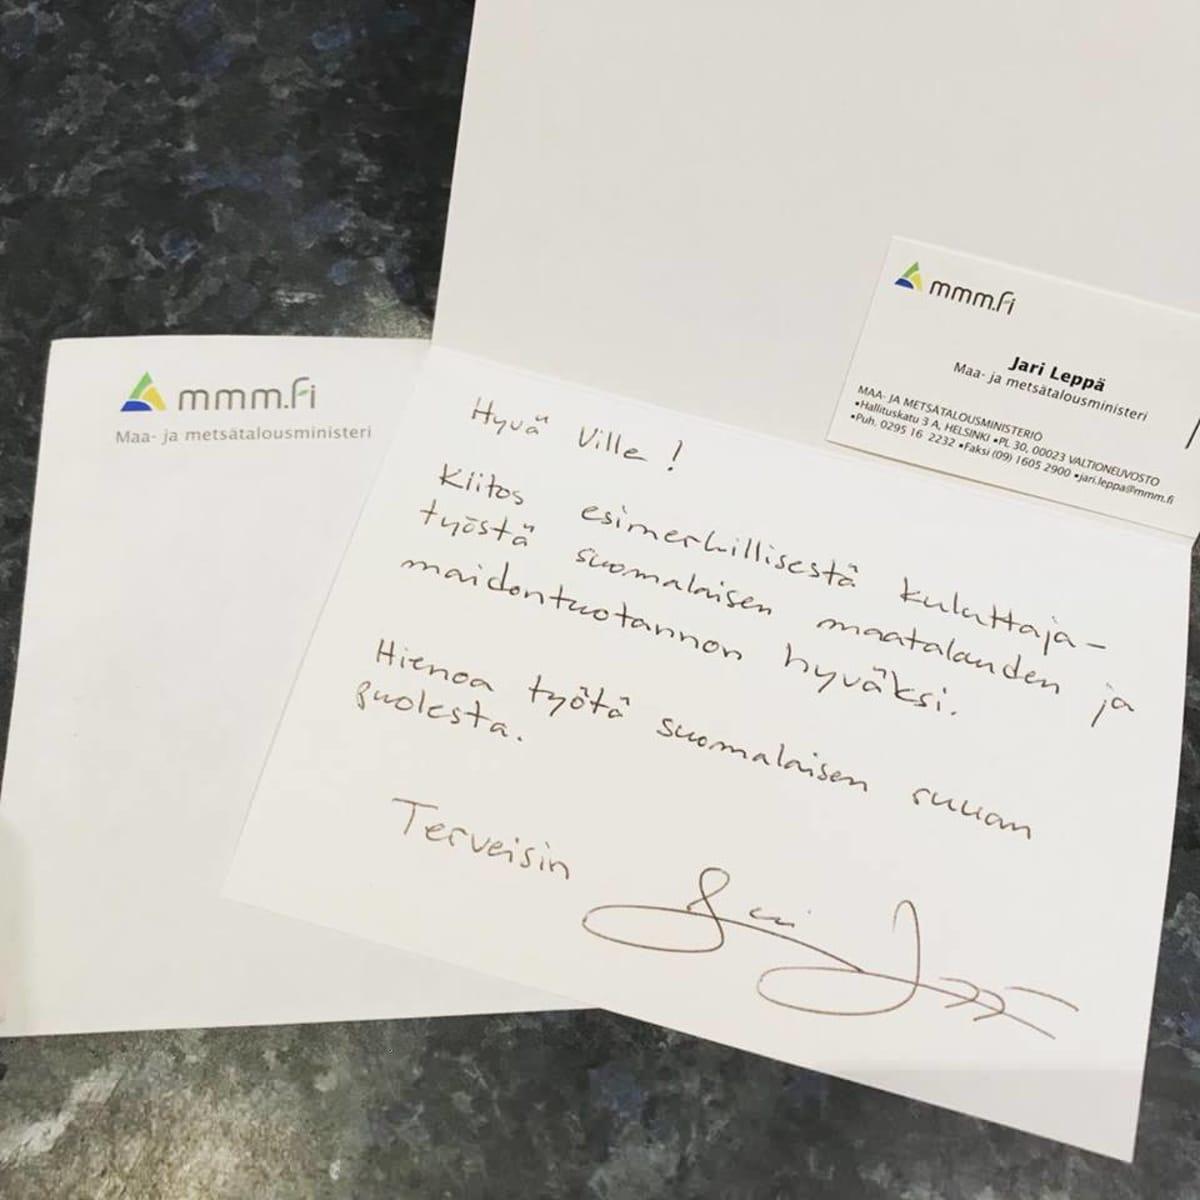 Maa- ja metsätalousministerin kiitoskirje viljelijälle